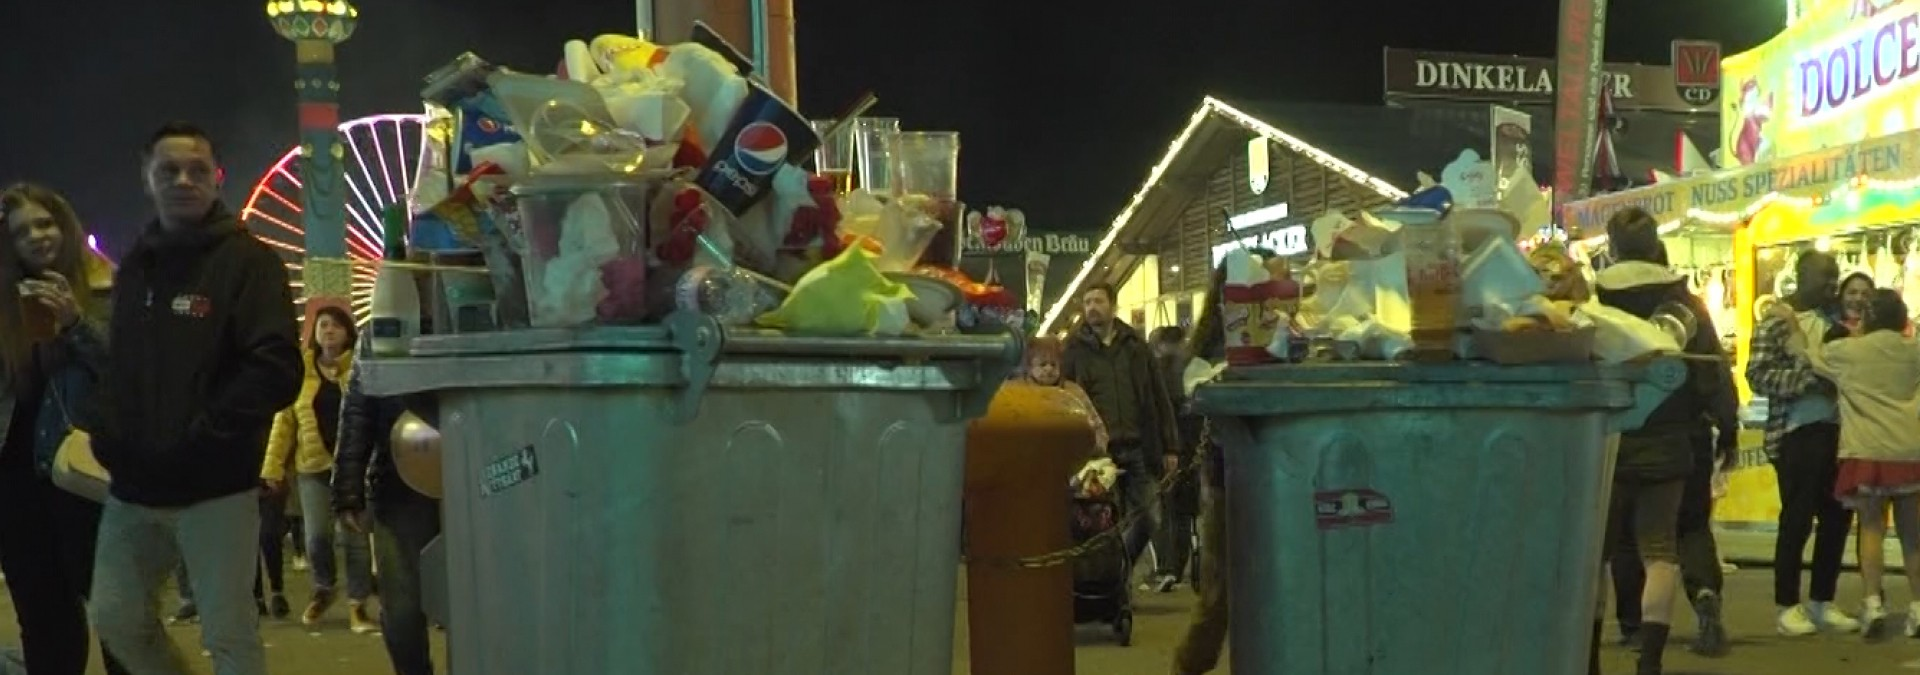 Alles Isi auf dem Wasen - Wie umweltfreundlich ist das Volksfest?